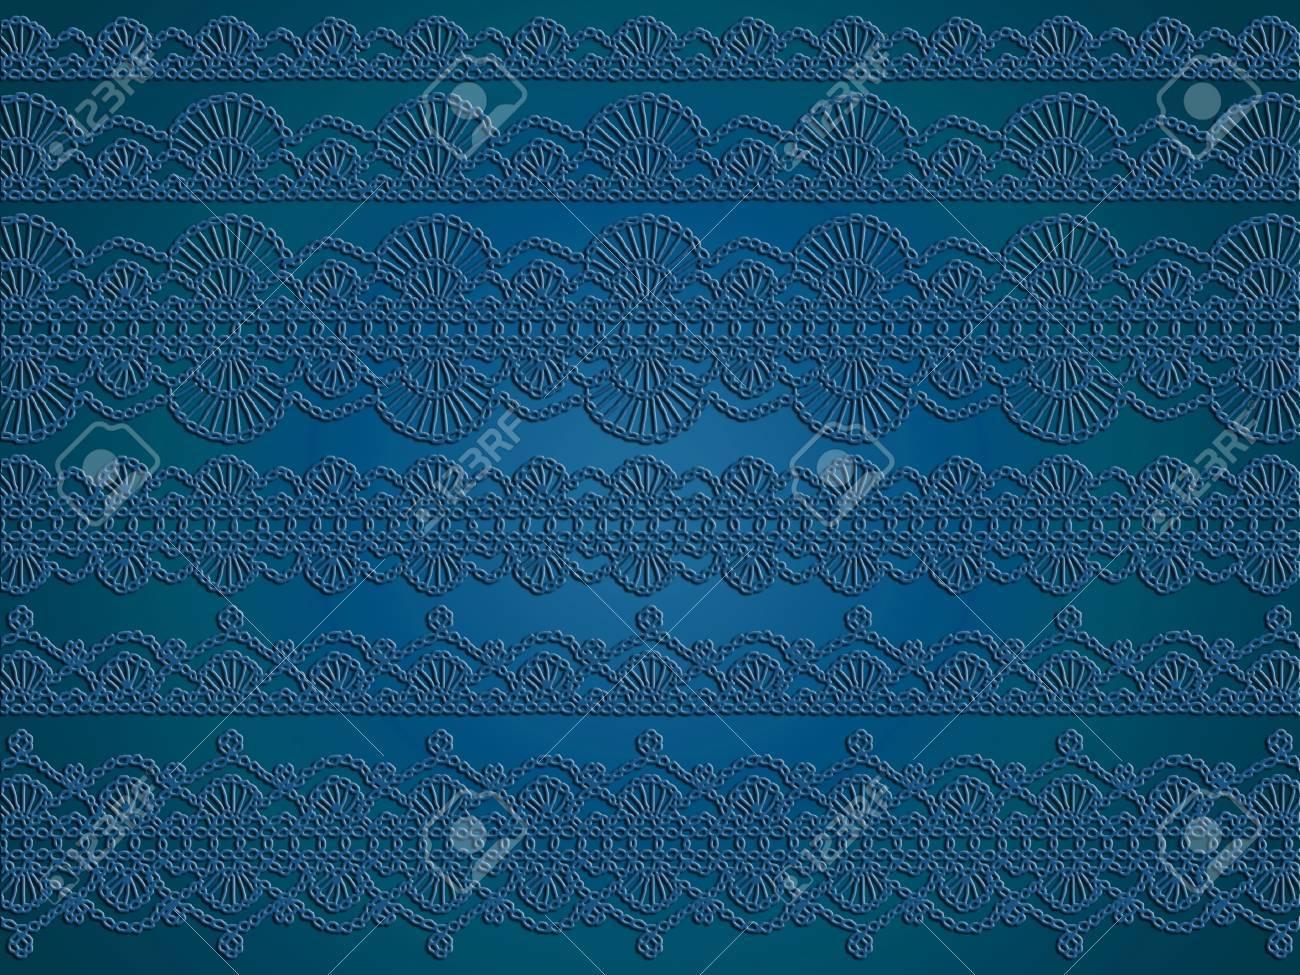 dunkelblau cian anspruchsvollen luxuriösen hintergrund der tapeten mit  gehäkelten muster